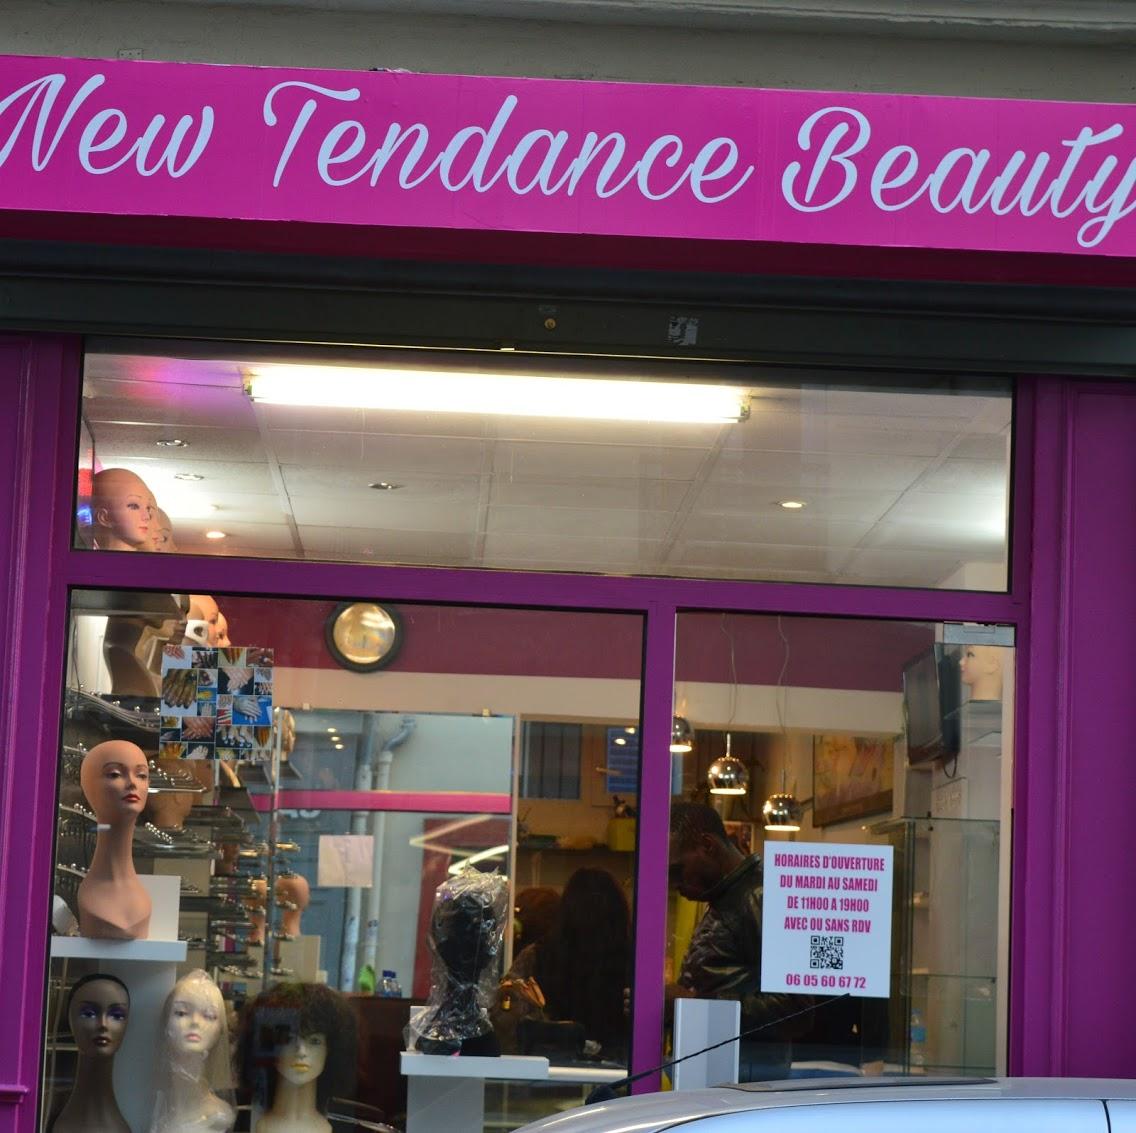 New Tendance Beauty